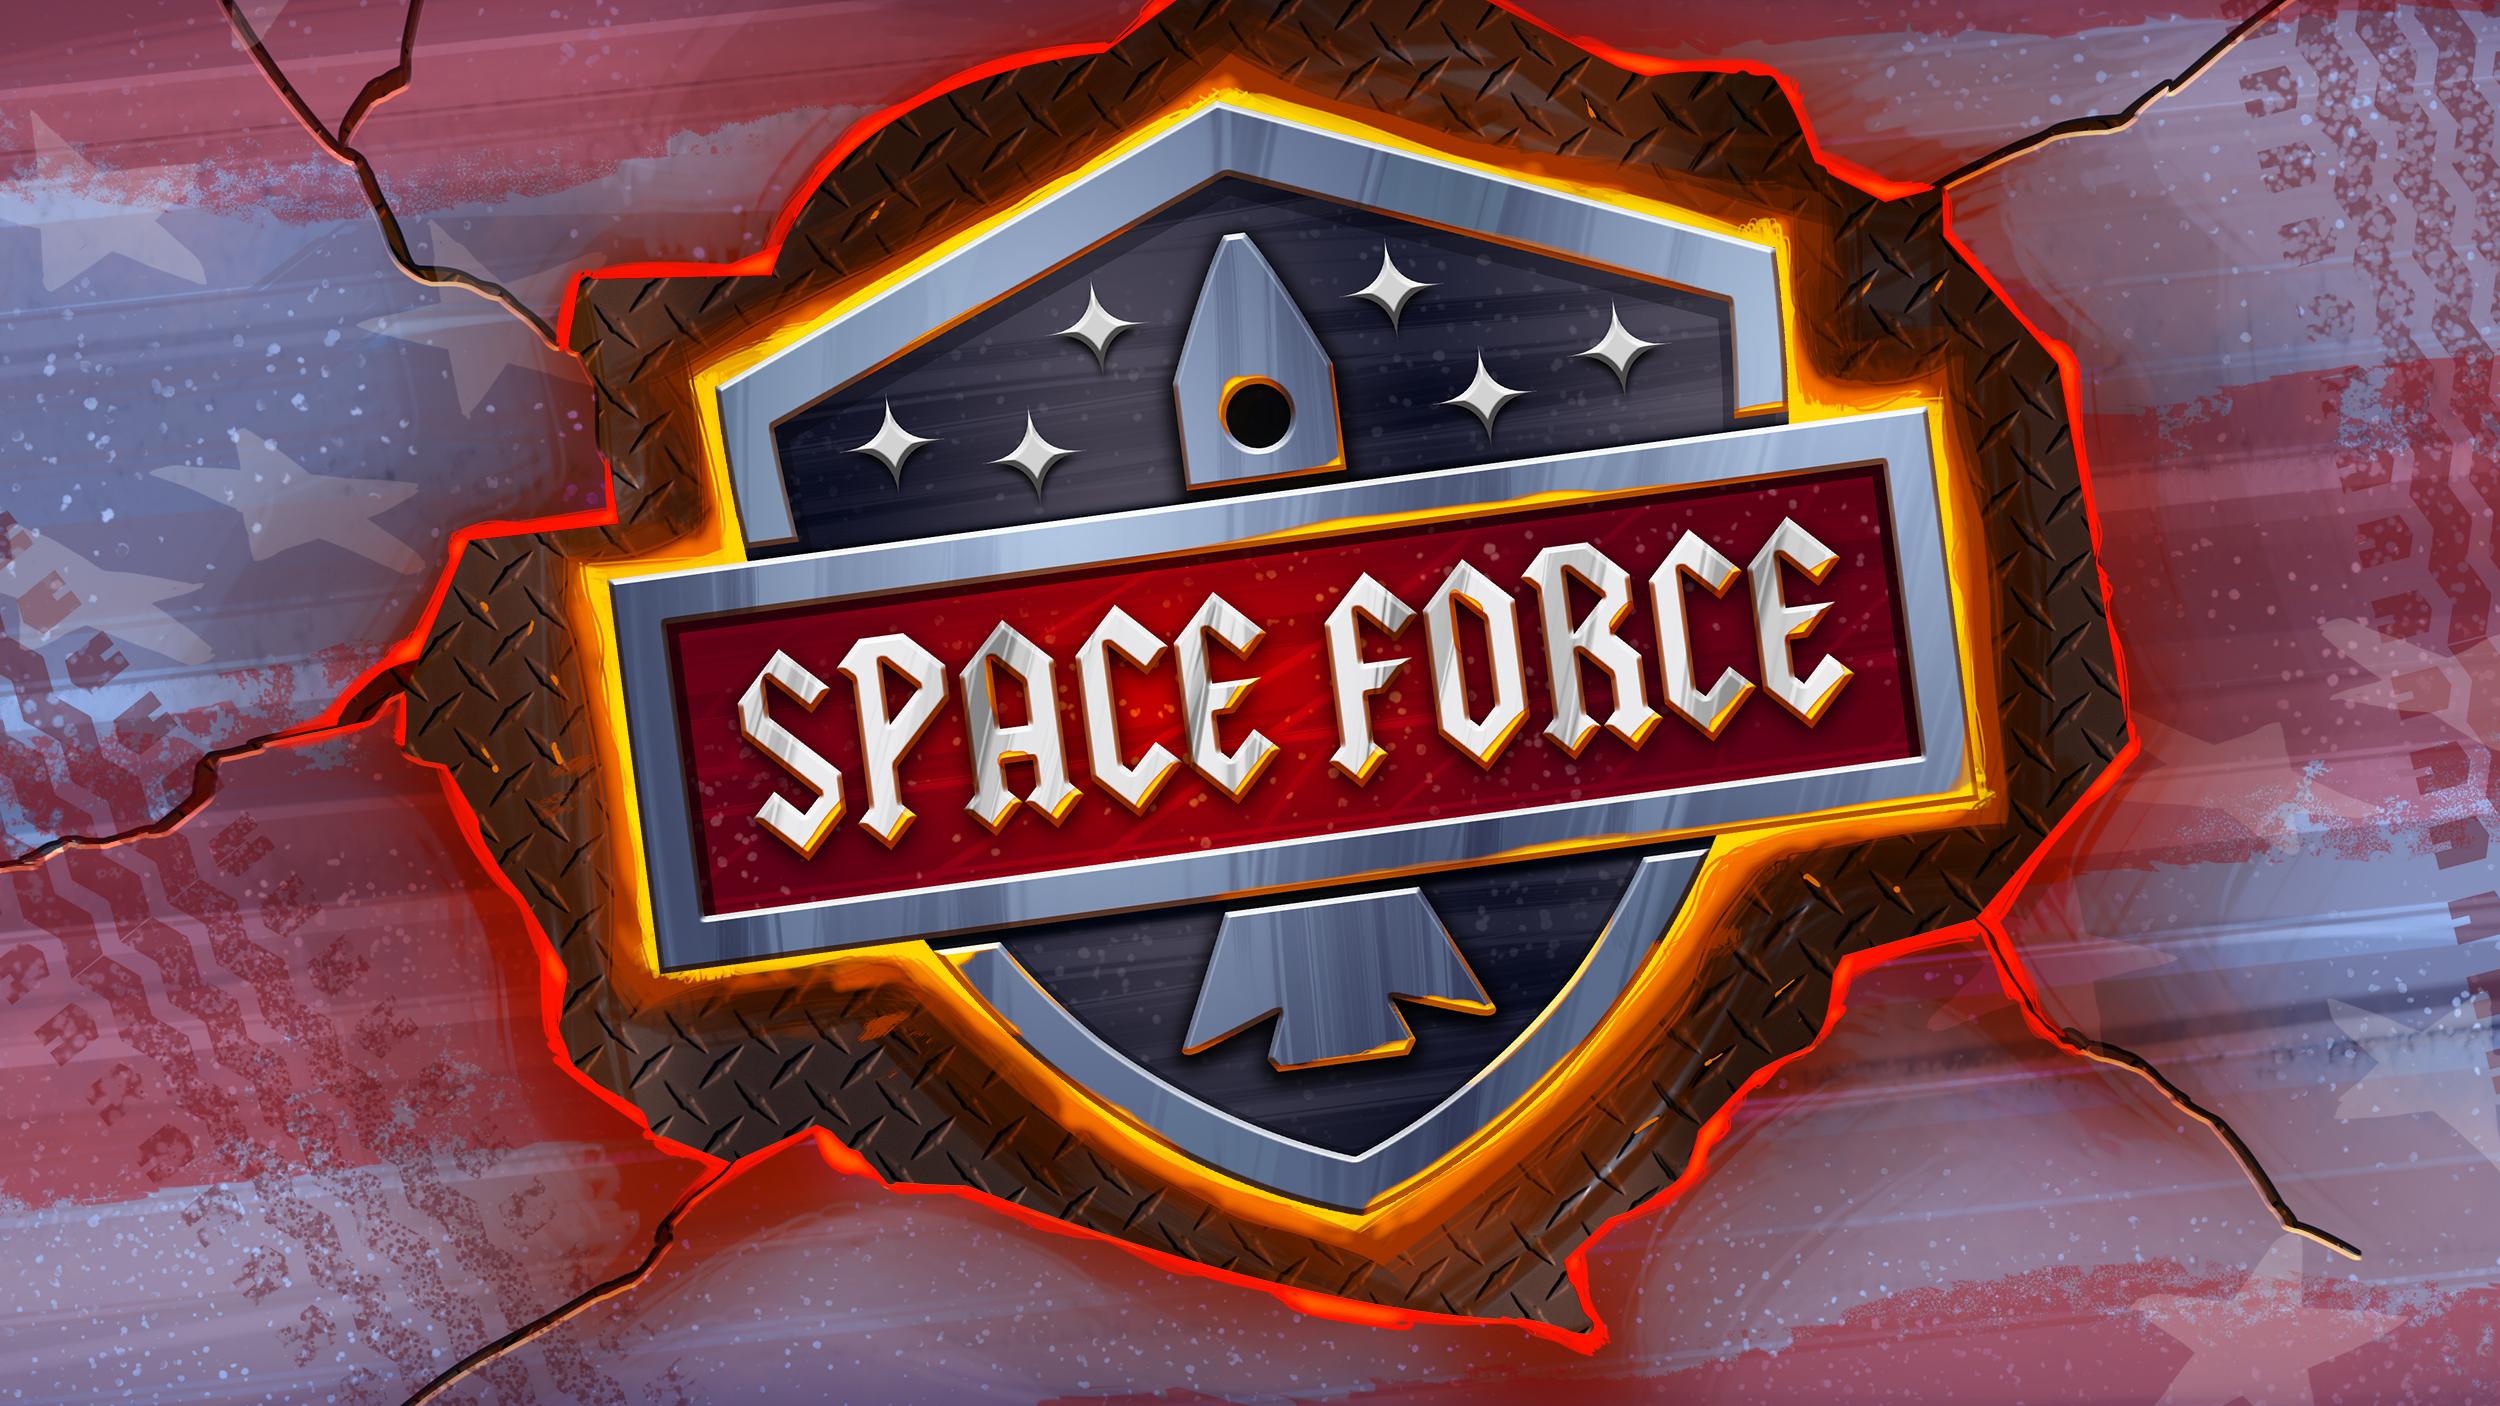 SpaceForce.jpg